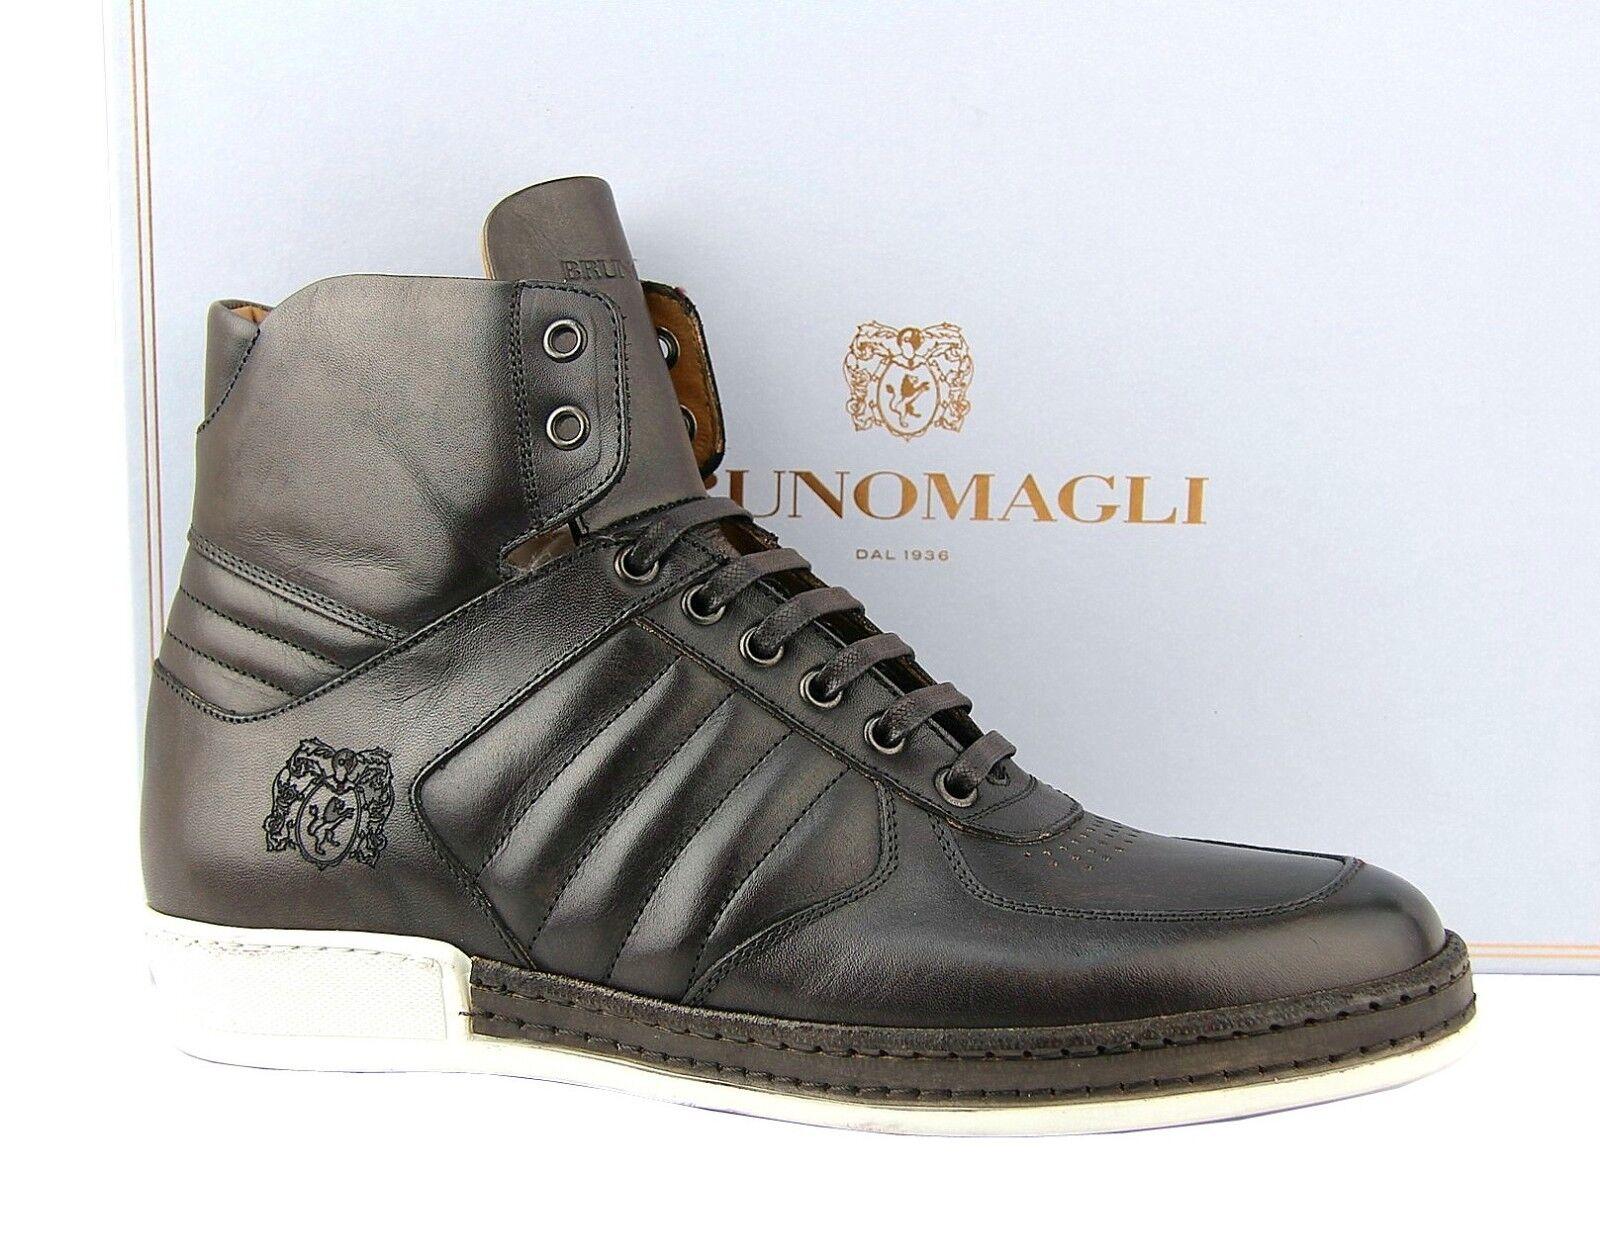 BRUNO MAGLI SIRO HIGH TOP DARK Marronee scarpe scarpe da ginnastica 100% SOFT LEATHER ITALY NEW